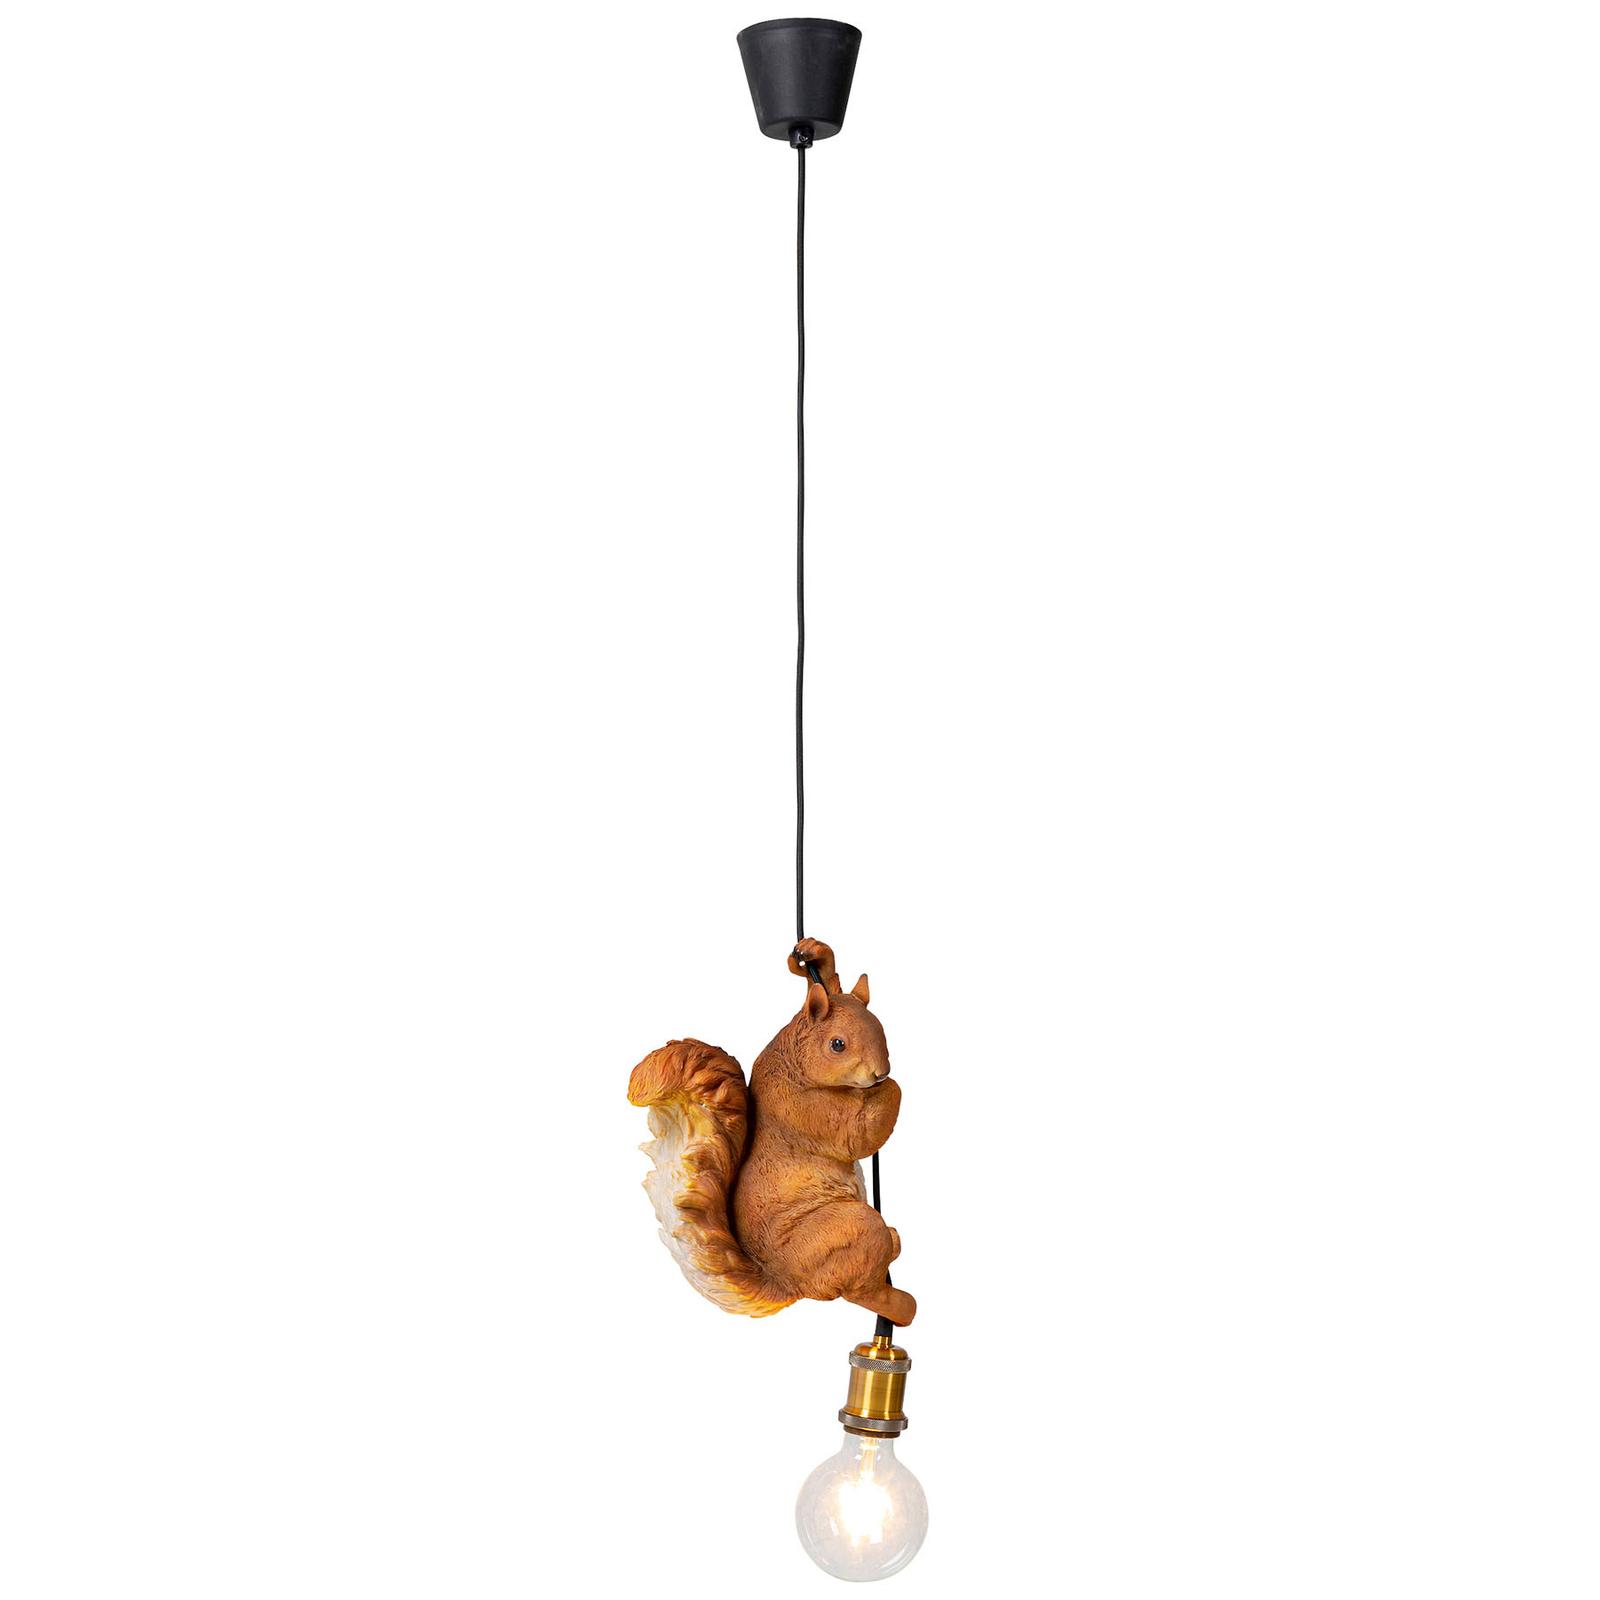 KARE Squirrel lampa wisząca z modelem wiewiórki